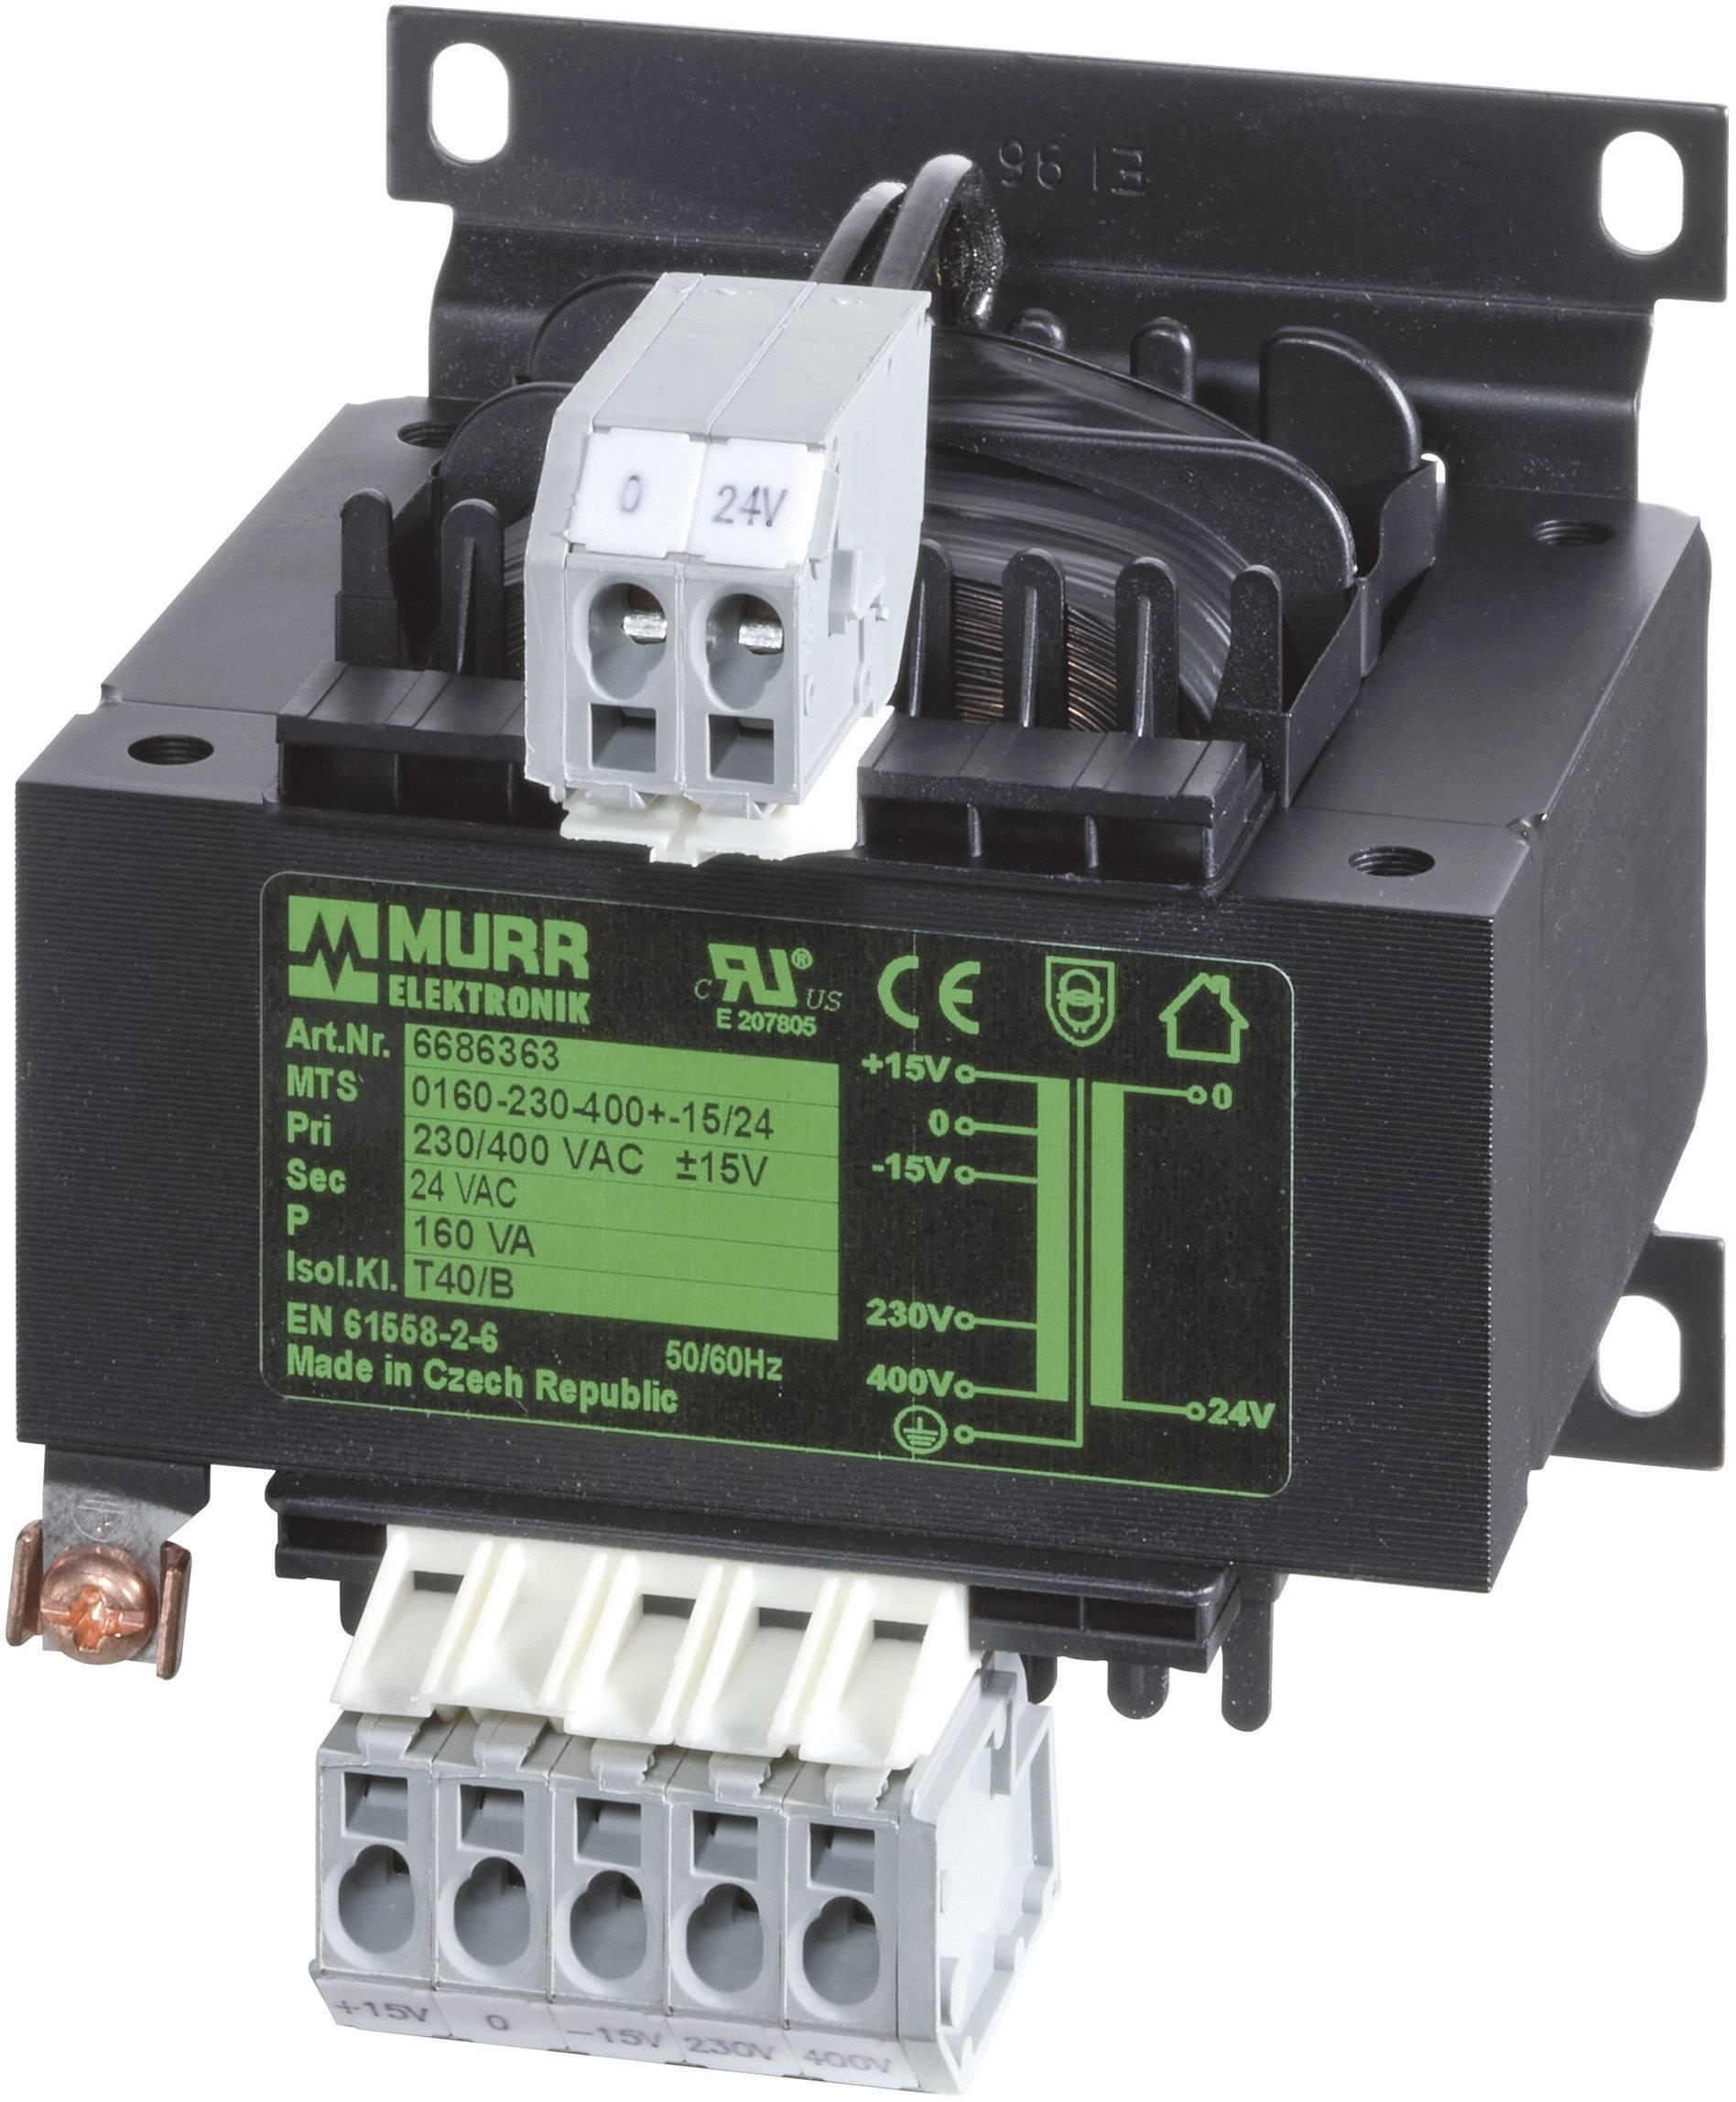 Bezpečnostní transformátor Murr MTS, 230 V, 1000 VA